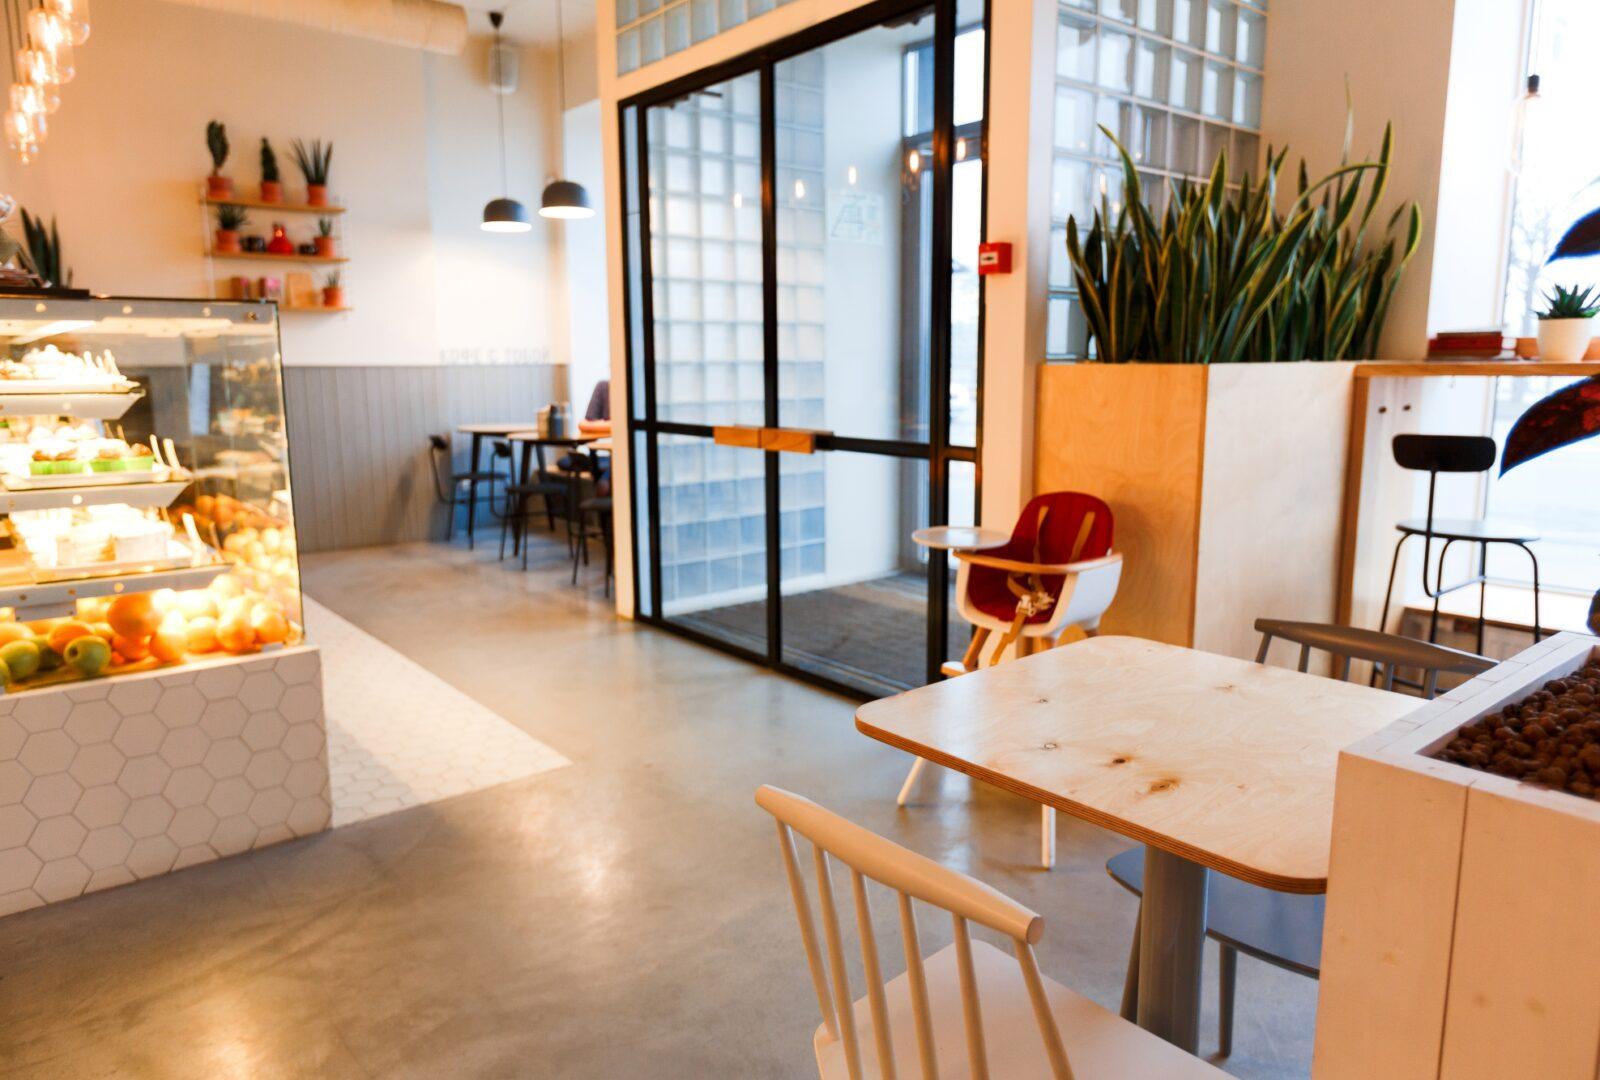 繁盛するパン屋のポイントはおしゃれ!内装デザインのポイントと内装工事費用